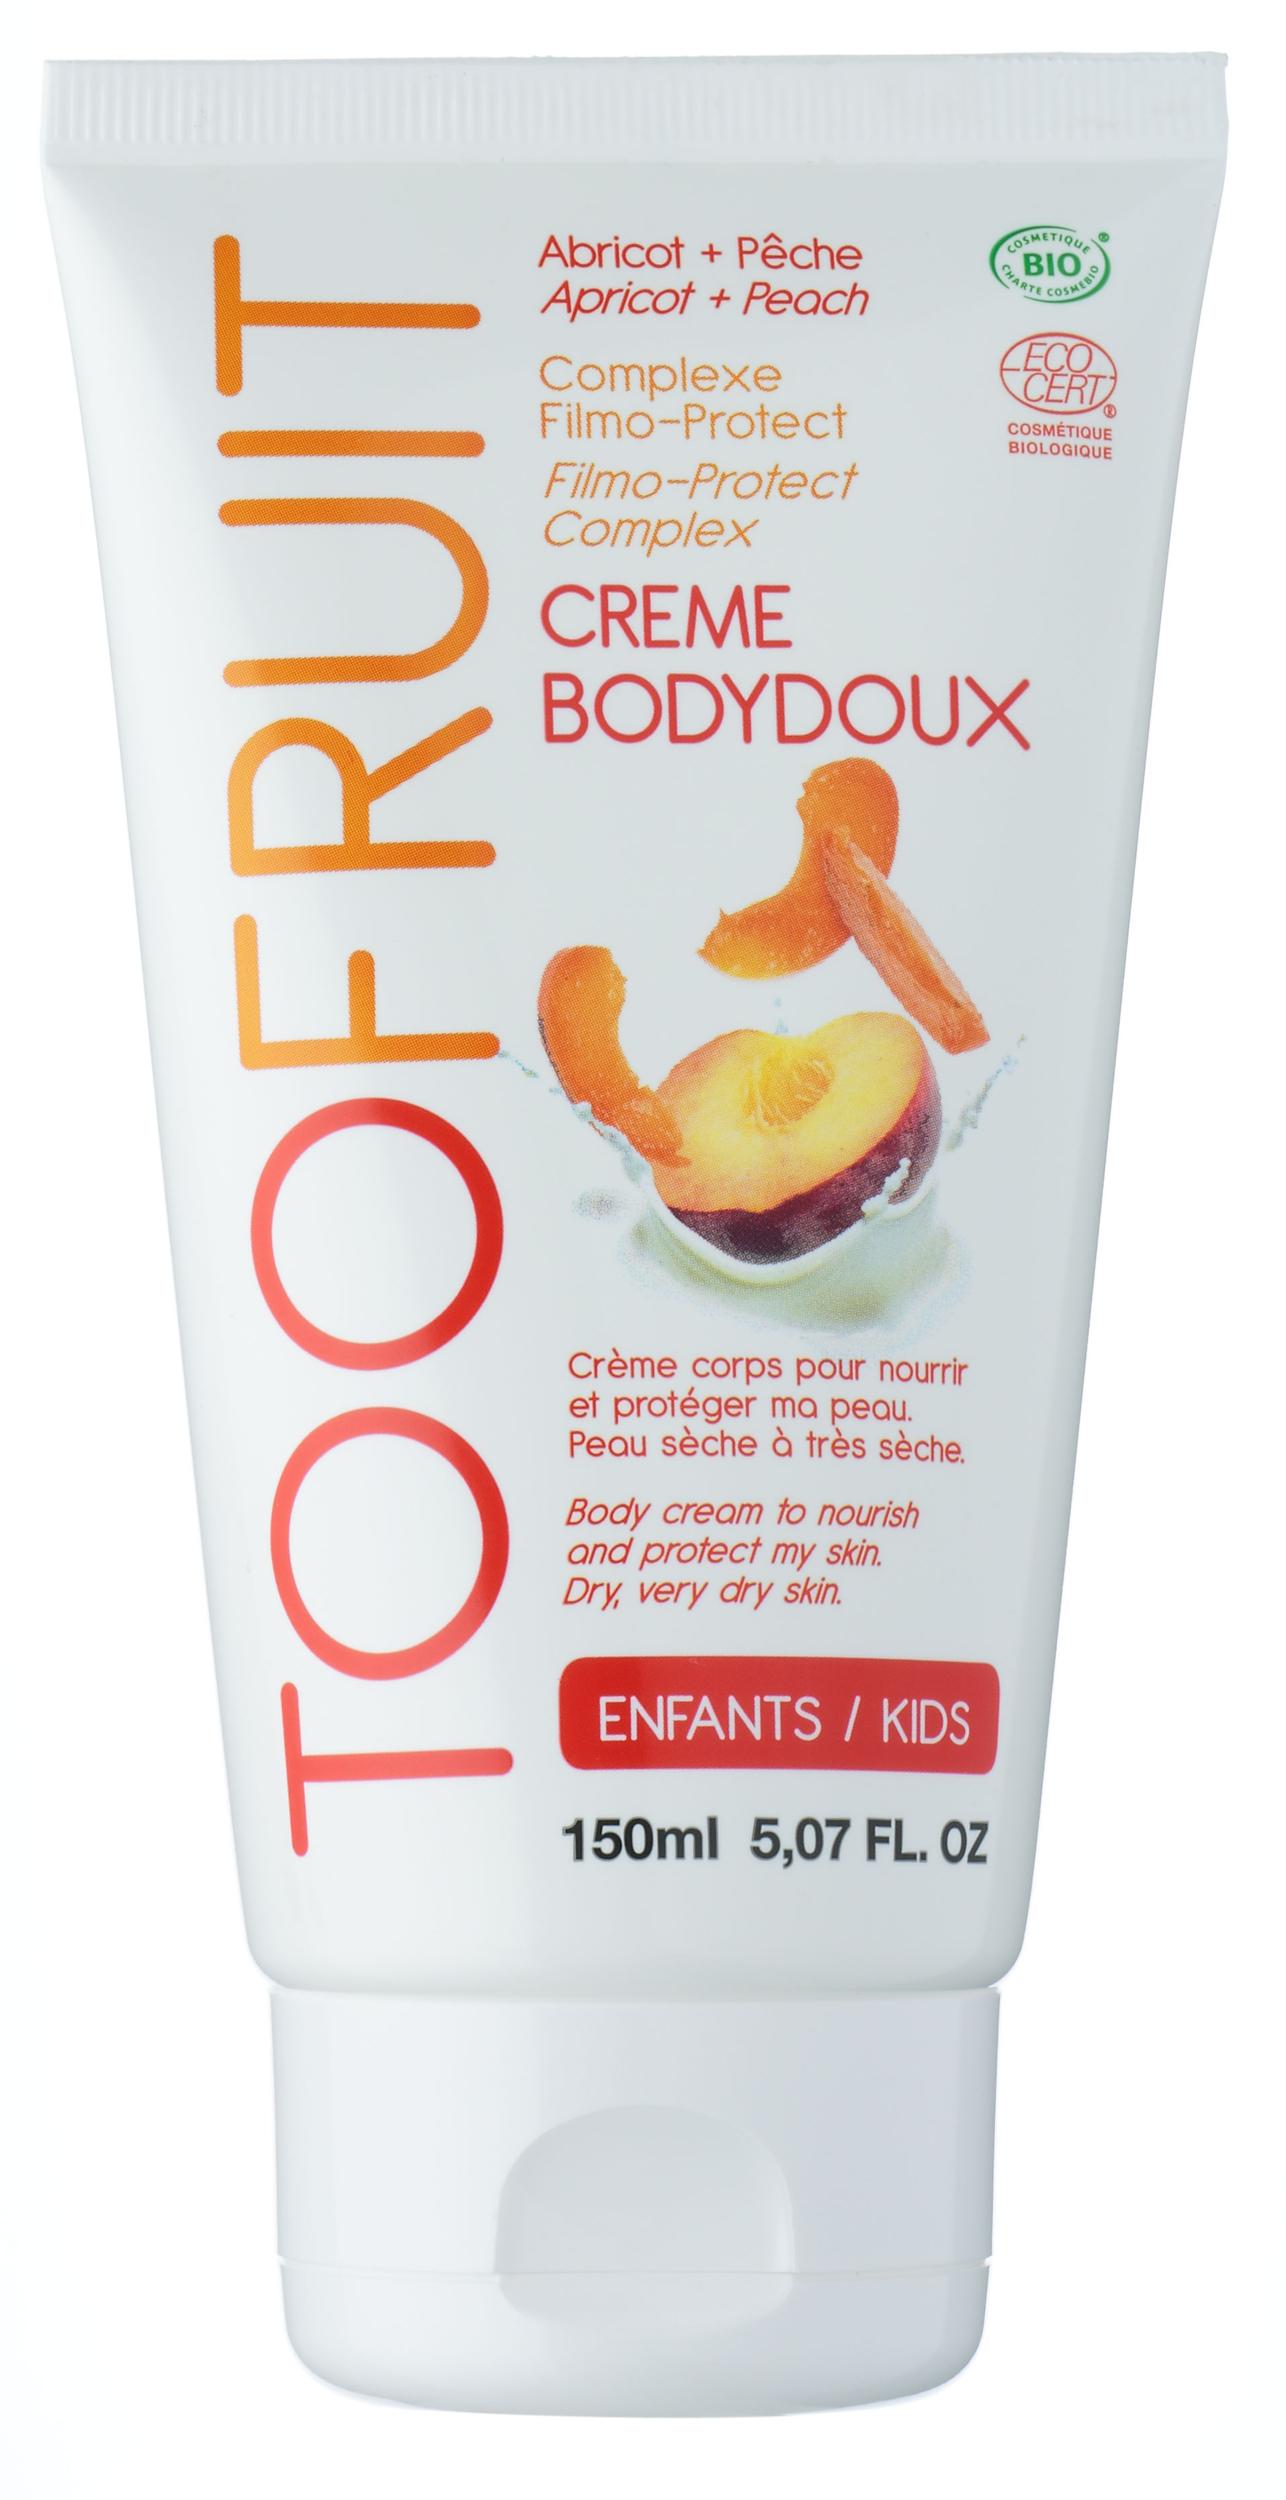 Doux Good - Toofruit creme bodydoux crème corps